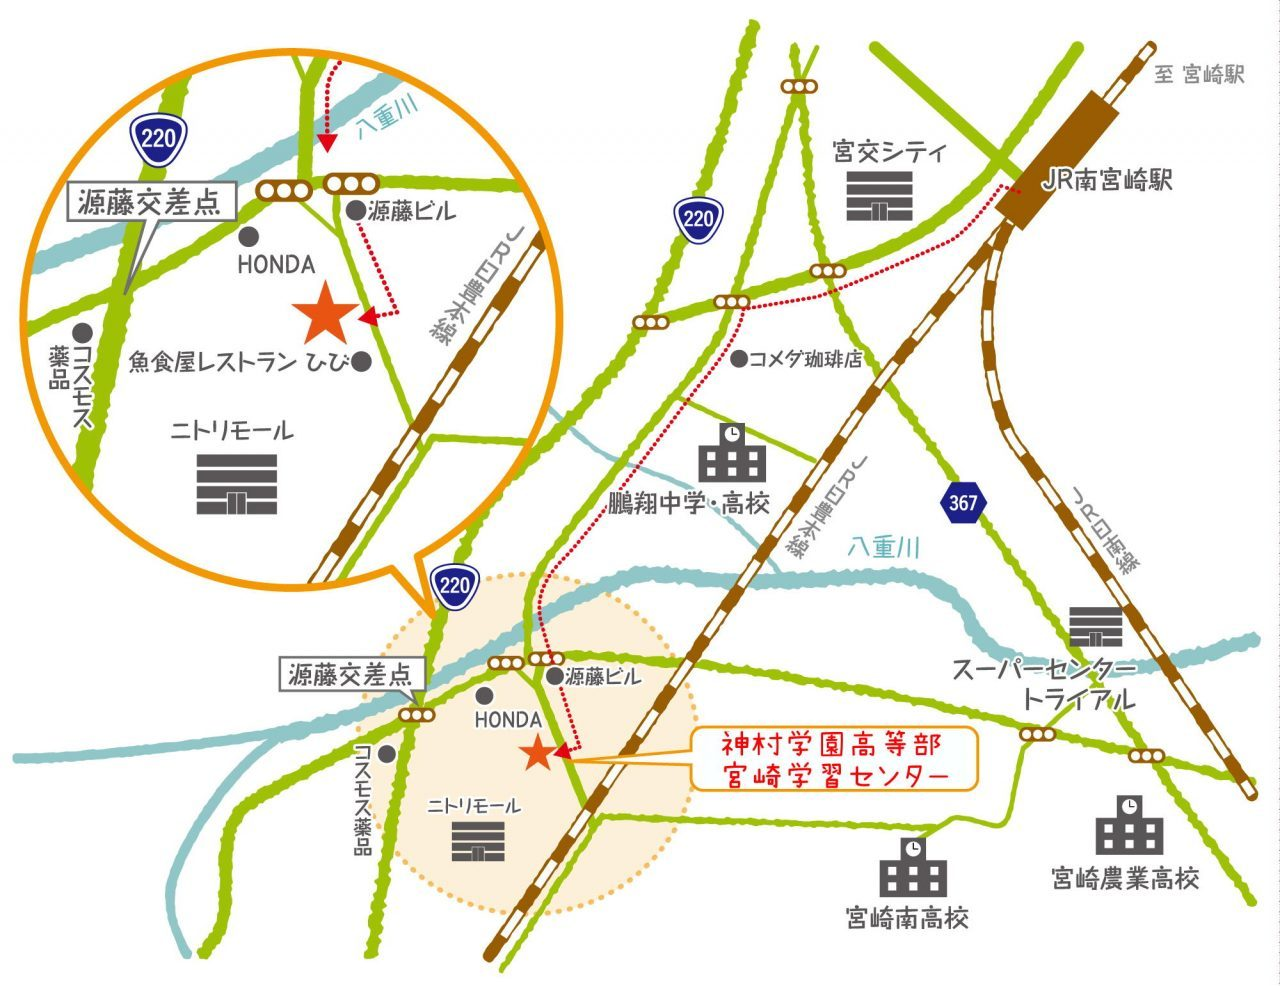 きぼう高等学院地図